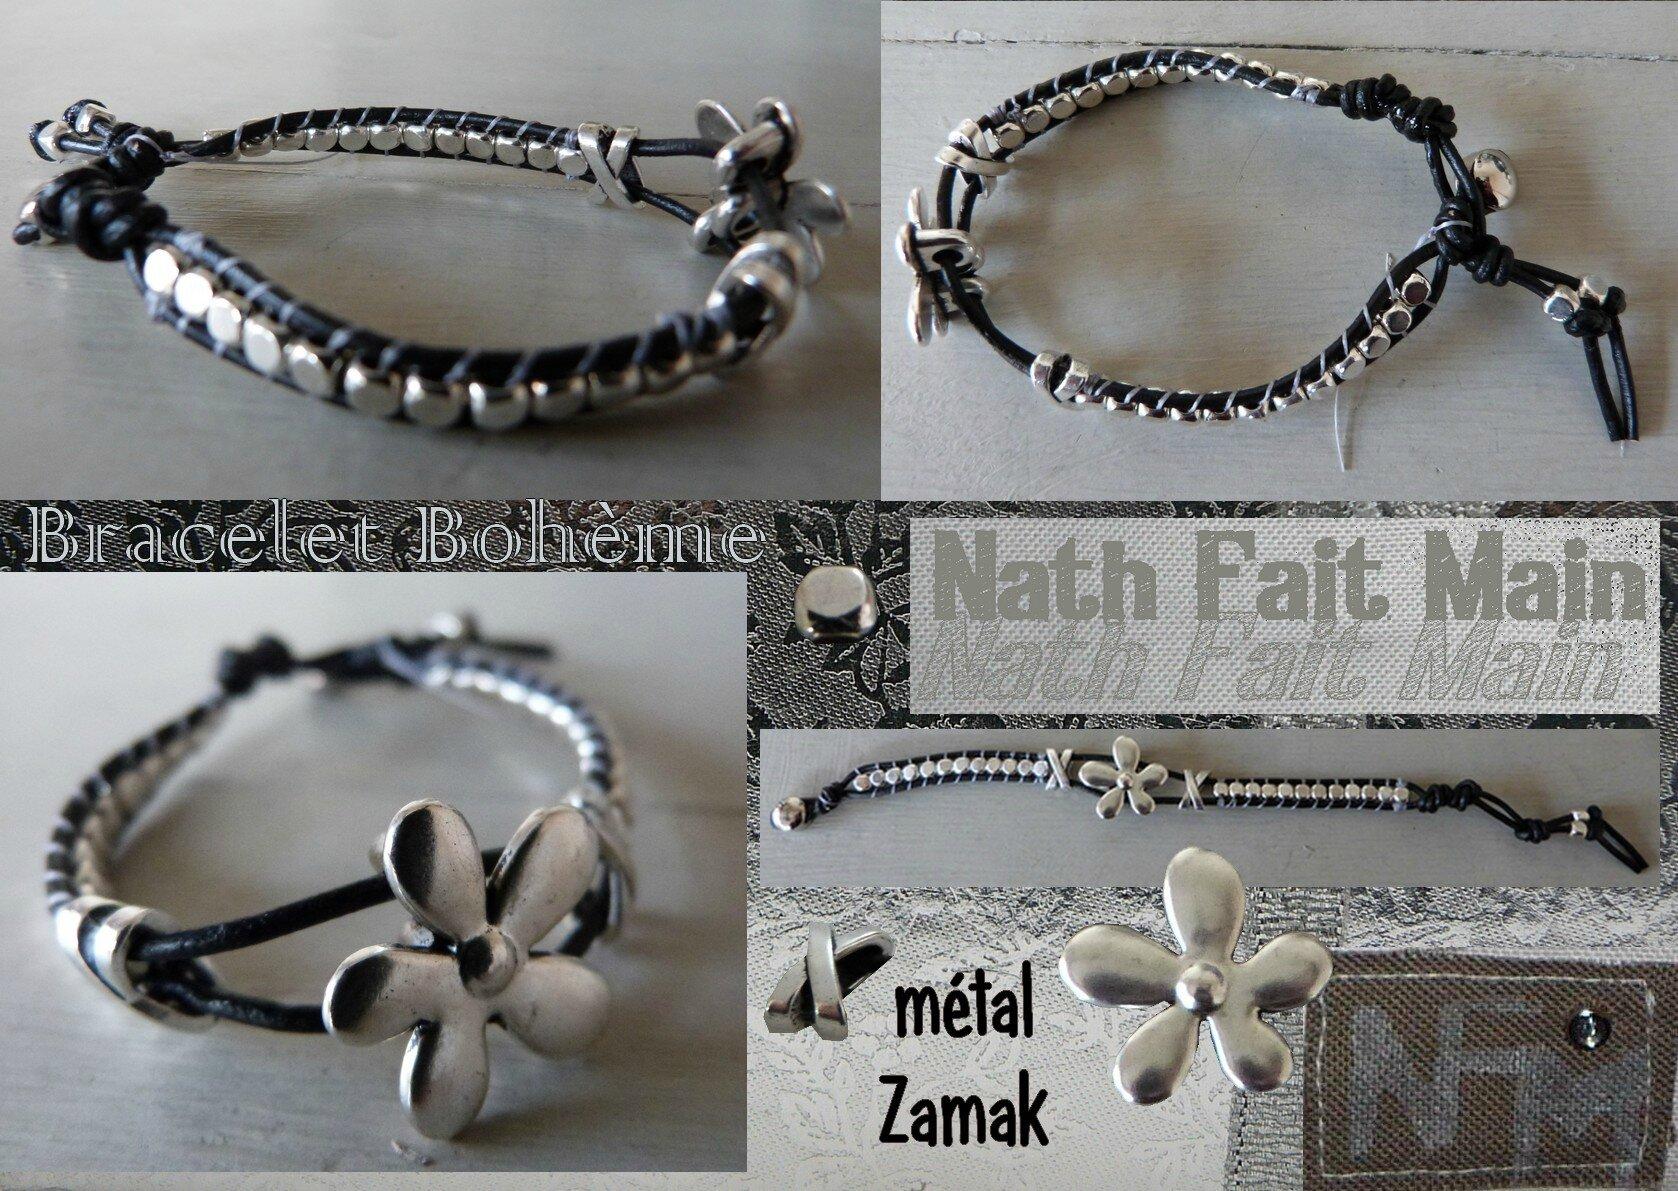 Bracelet macramé métal Zamak (0)